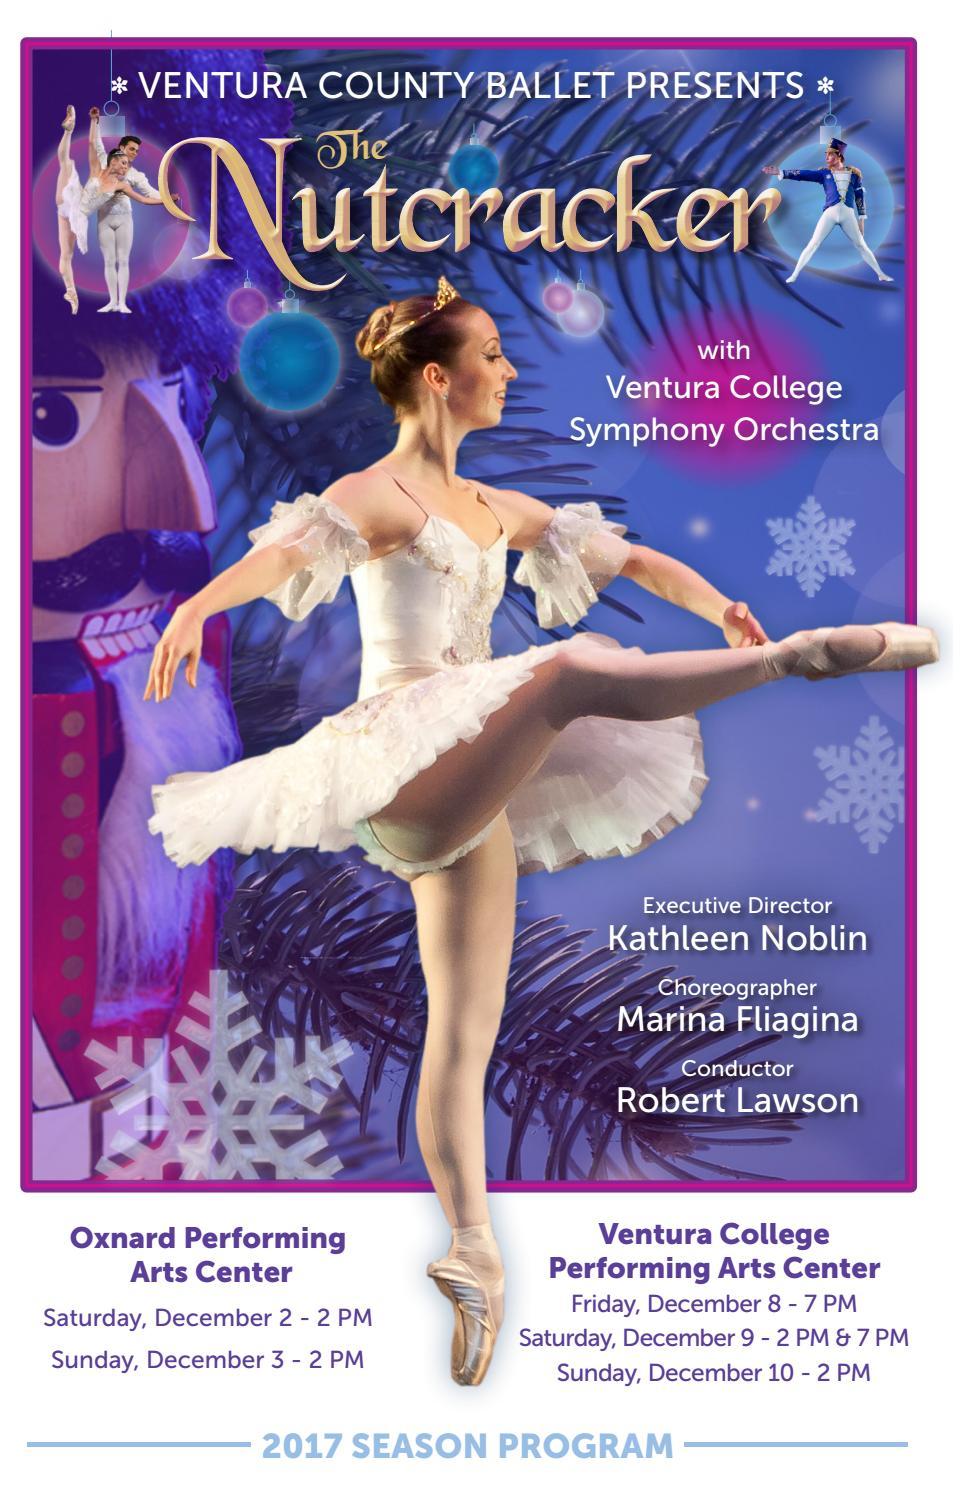 Girl Ballerina Drummer Blue Mouse Holiday Christmas Nutcracker Tulle Dress